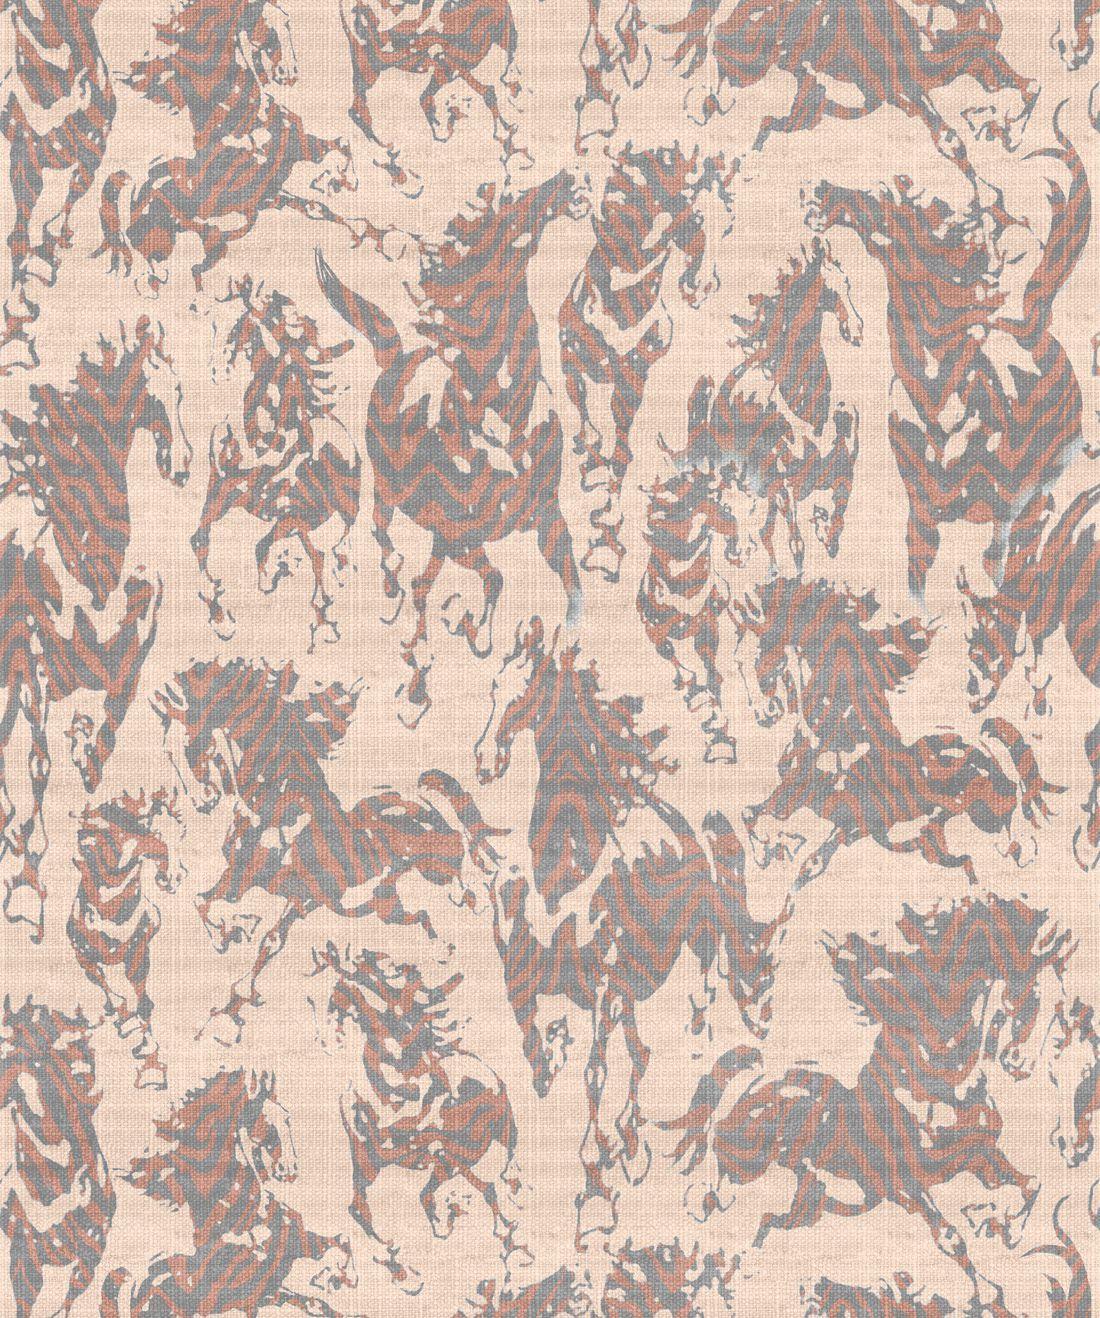 Sixhands - Stampede Wallpaper / Cognac